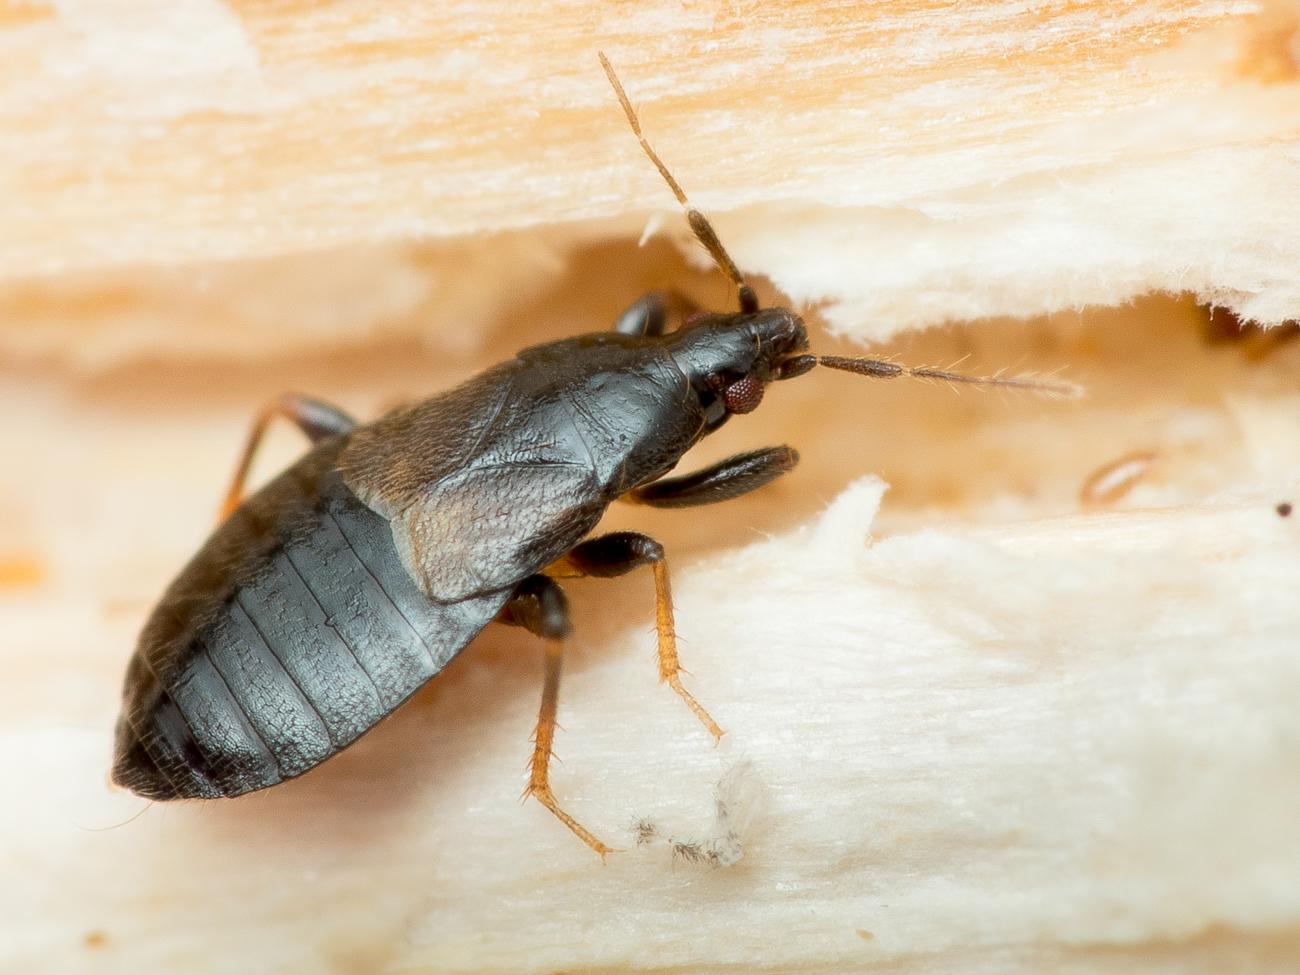 Xylocoris sp., näbbskinnbagge